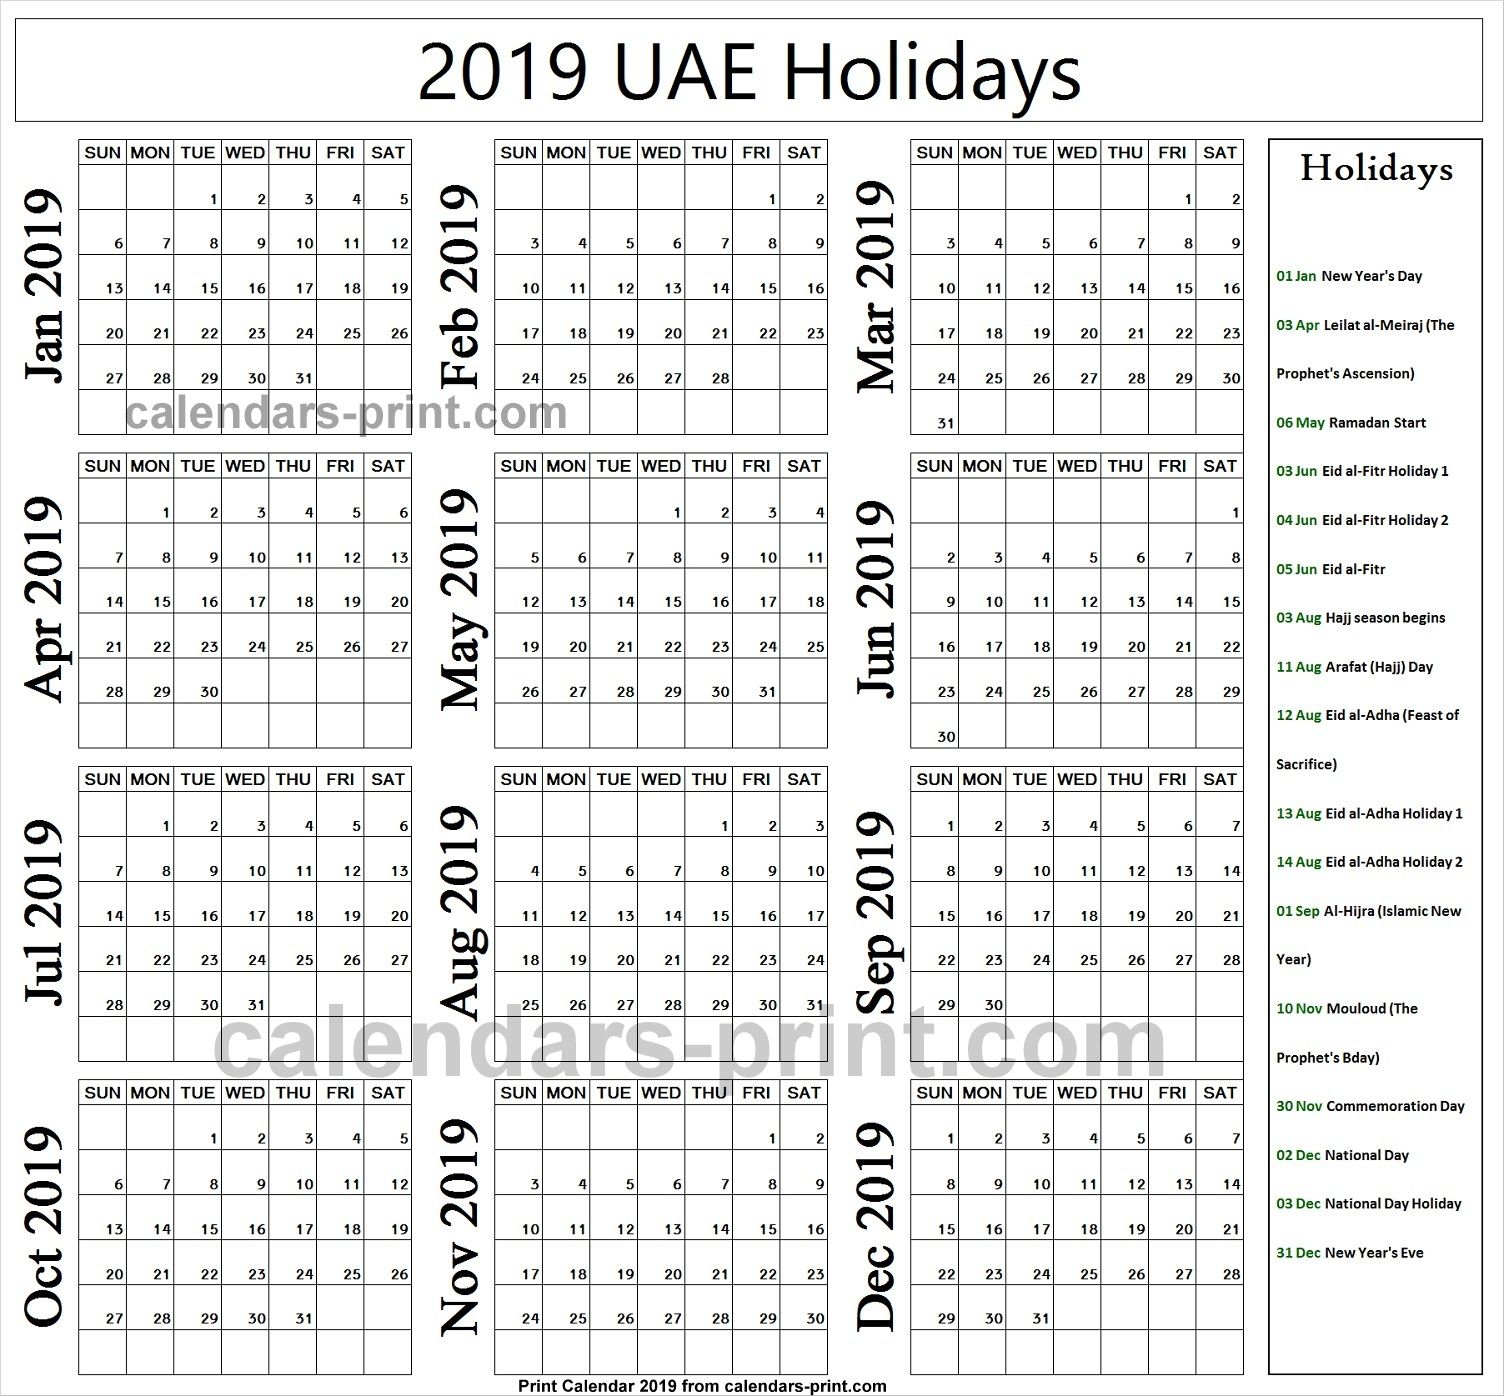 2019 Bank Holidays United Arab Emirates Holiday Calendar Holiday Calendar Printable Year Calendar Planner